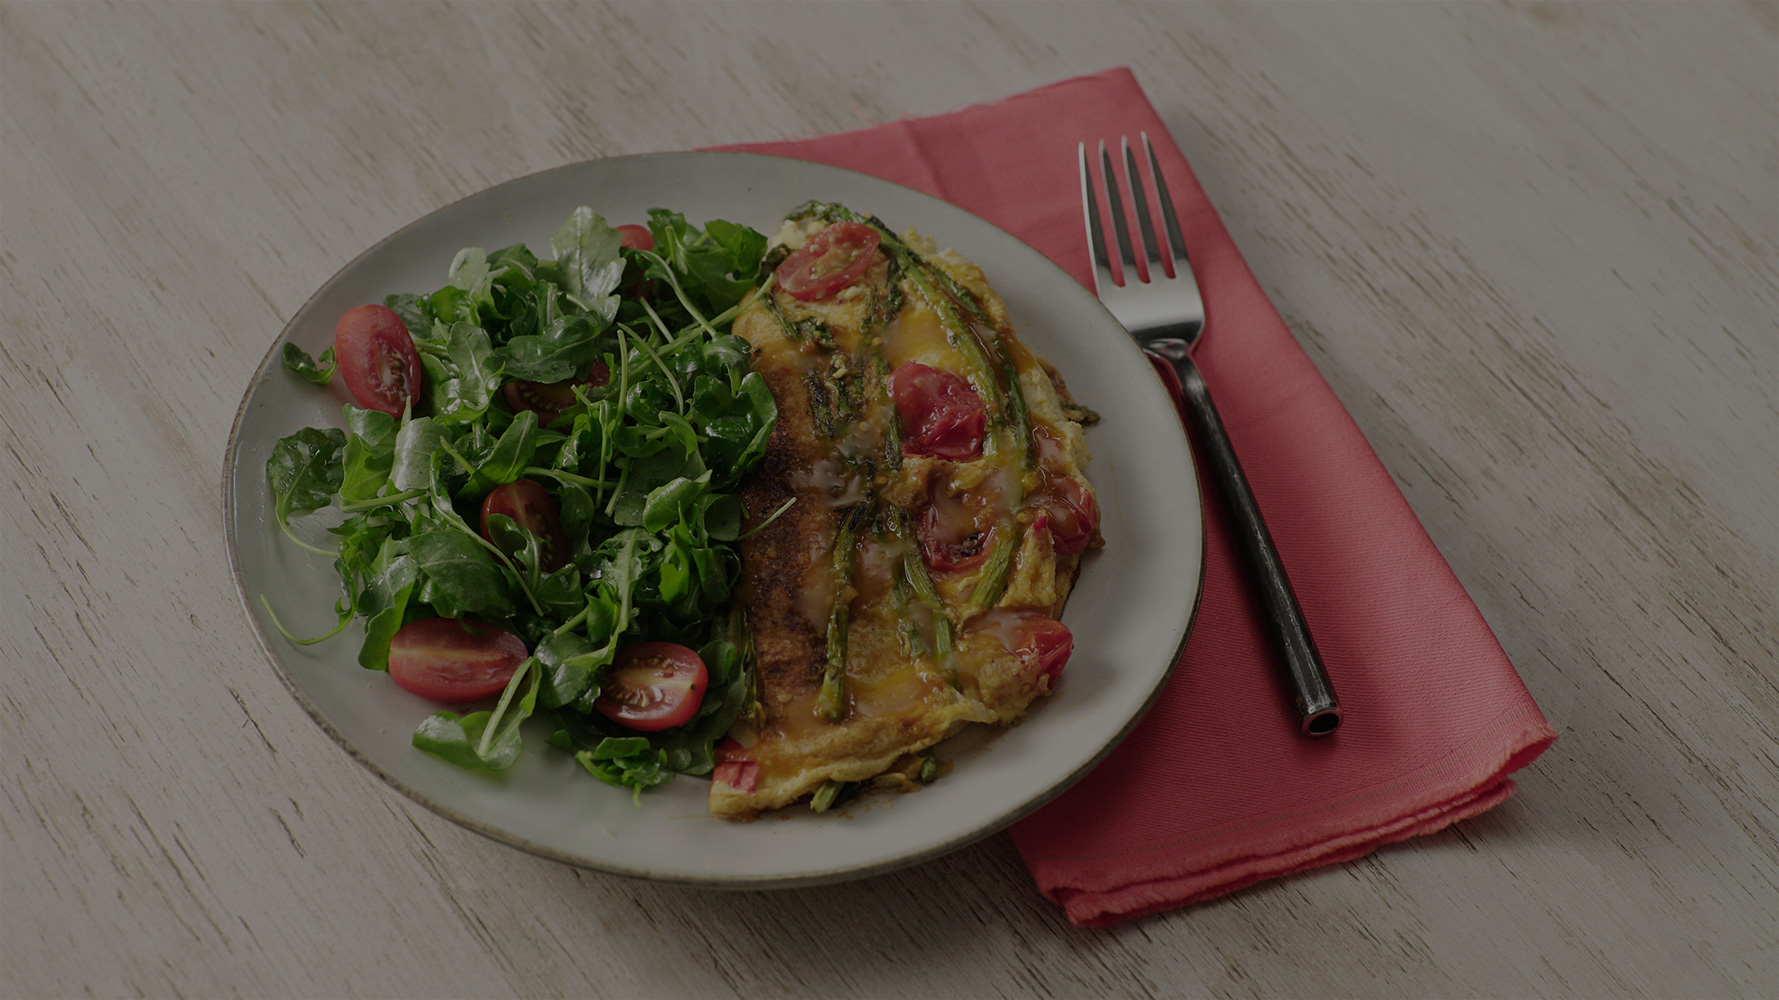 PERi-PERi Omelette